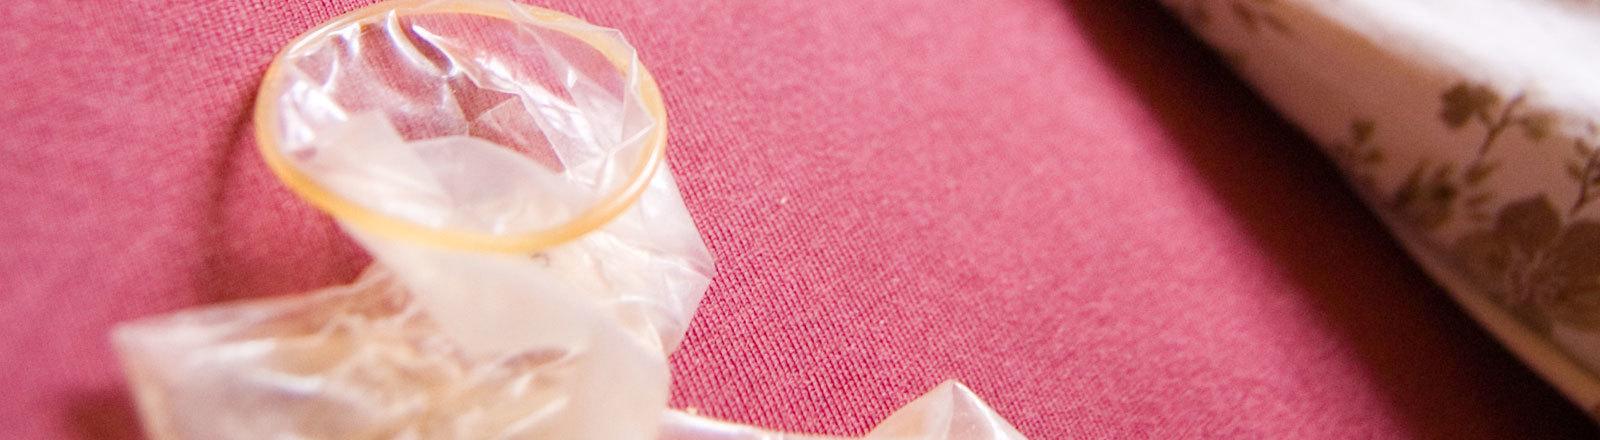 Ein leeres Kondom liegt neben einem Bett